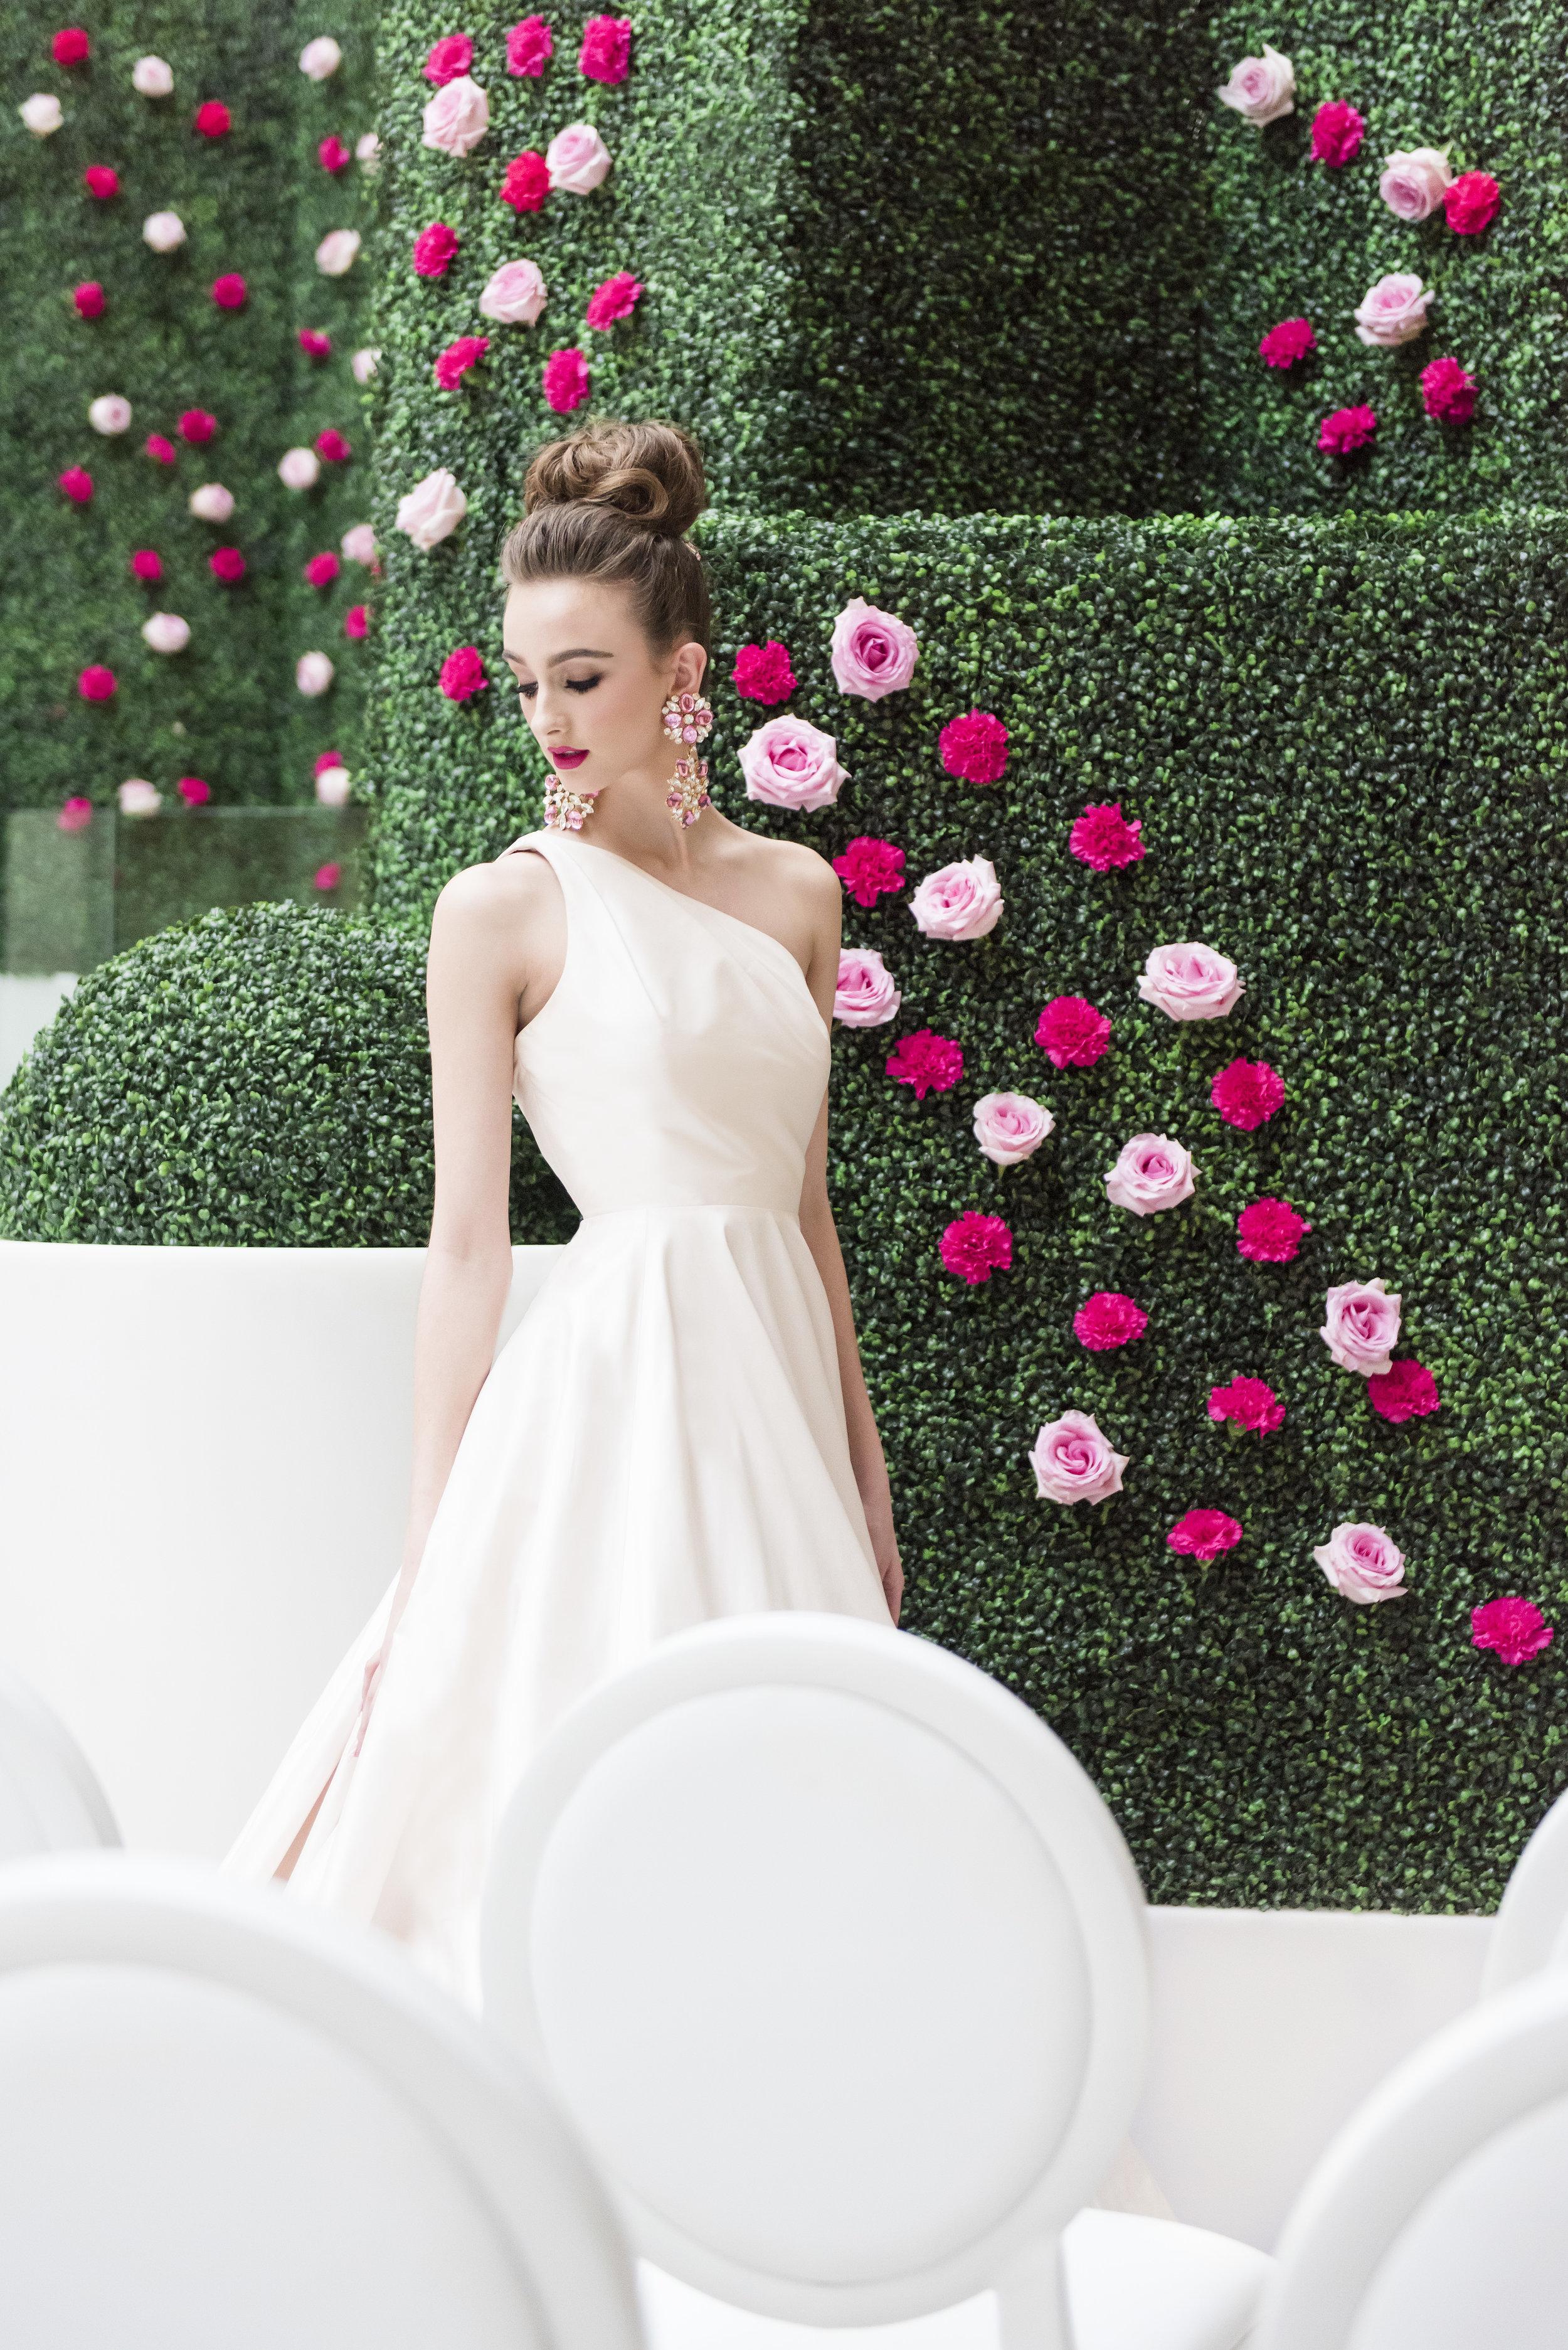 August In Bloom - Bride in garden ceremony - Dior Darling (Wedluxe)